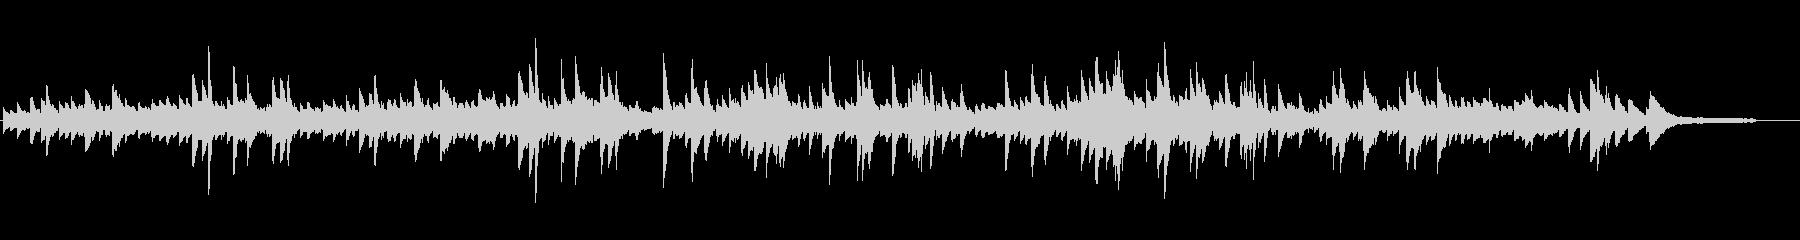 ピアノソロ「子守唄」の未再生の波形